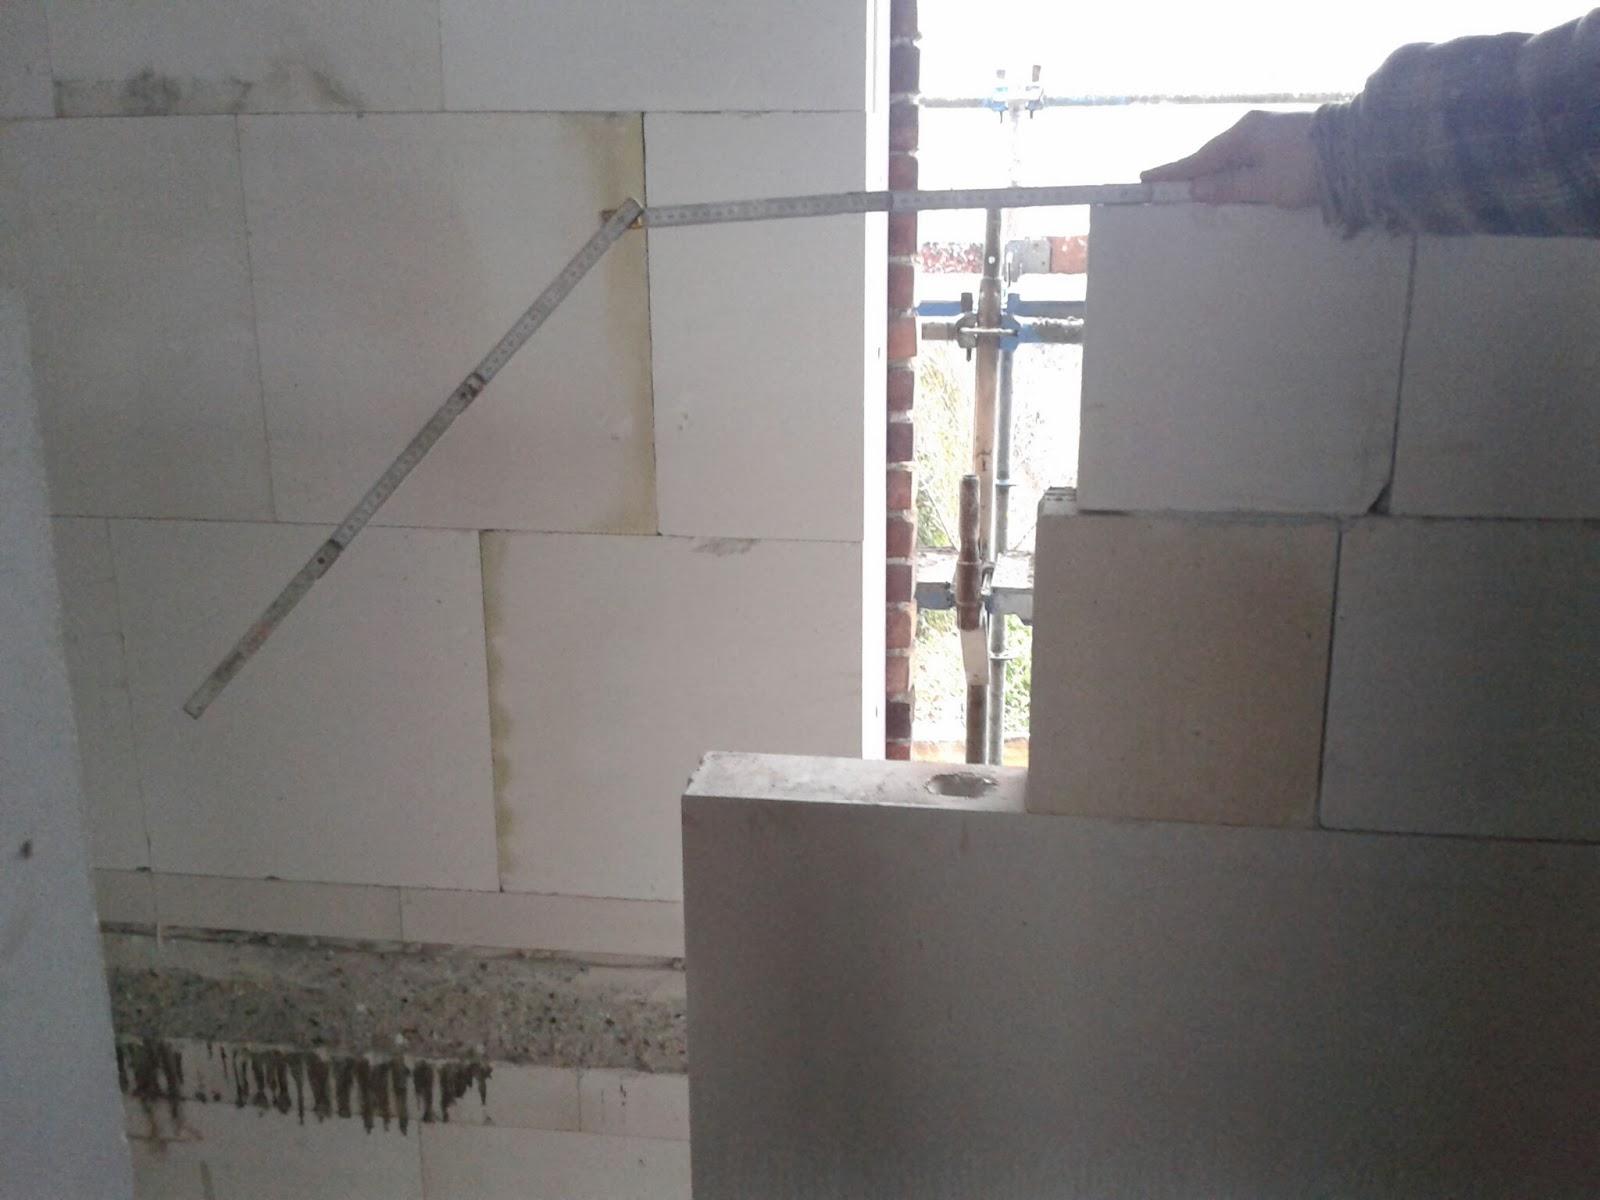 unser abenteuer hausbau 2013 2014 nach dem orkan und die ersehnte t wand. Black Bedroom Furniture Sets. Home Design Ideas